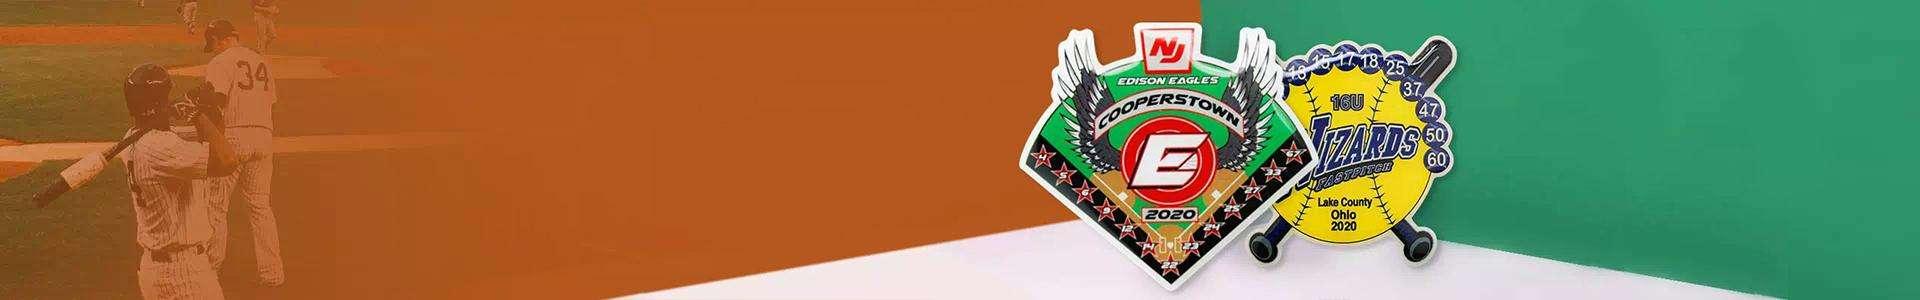 Offset Printed Baseball Pins